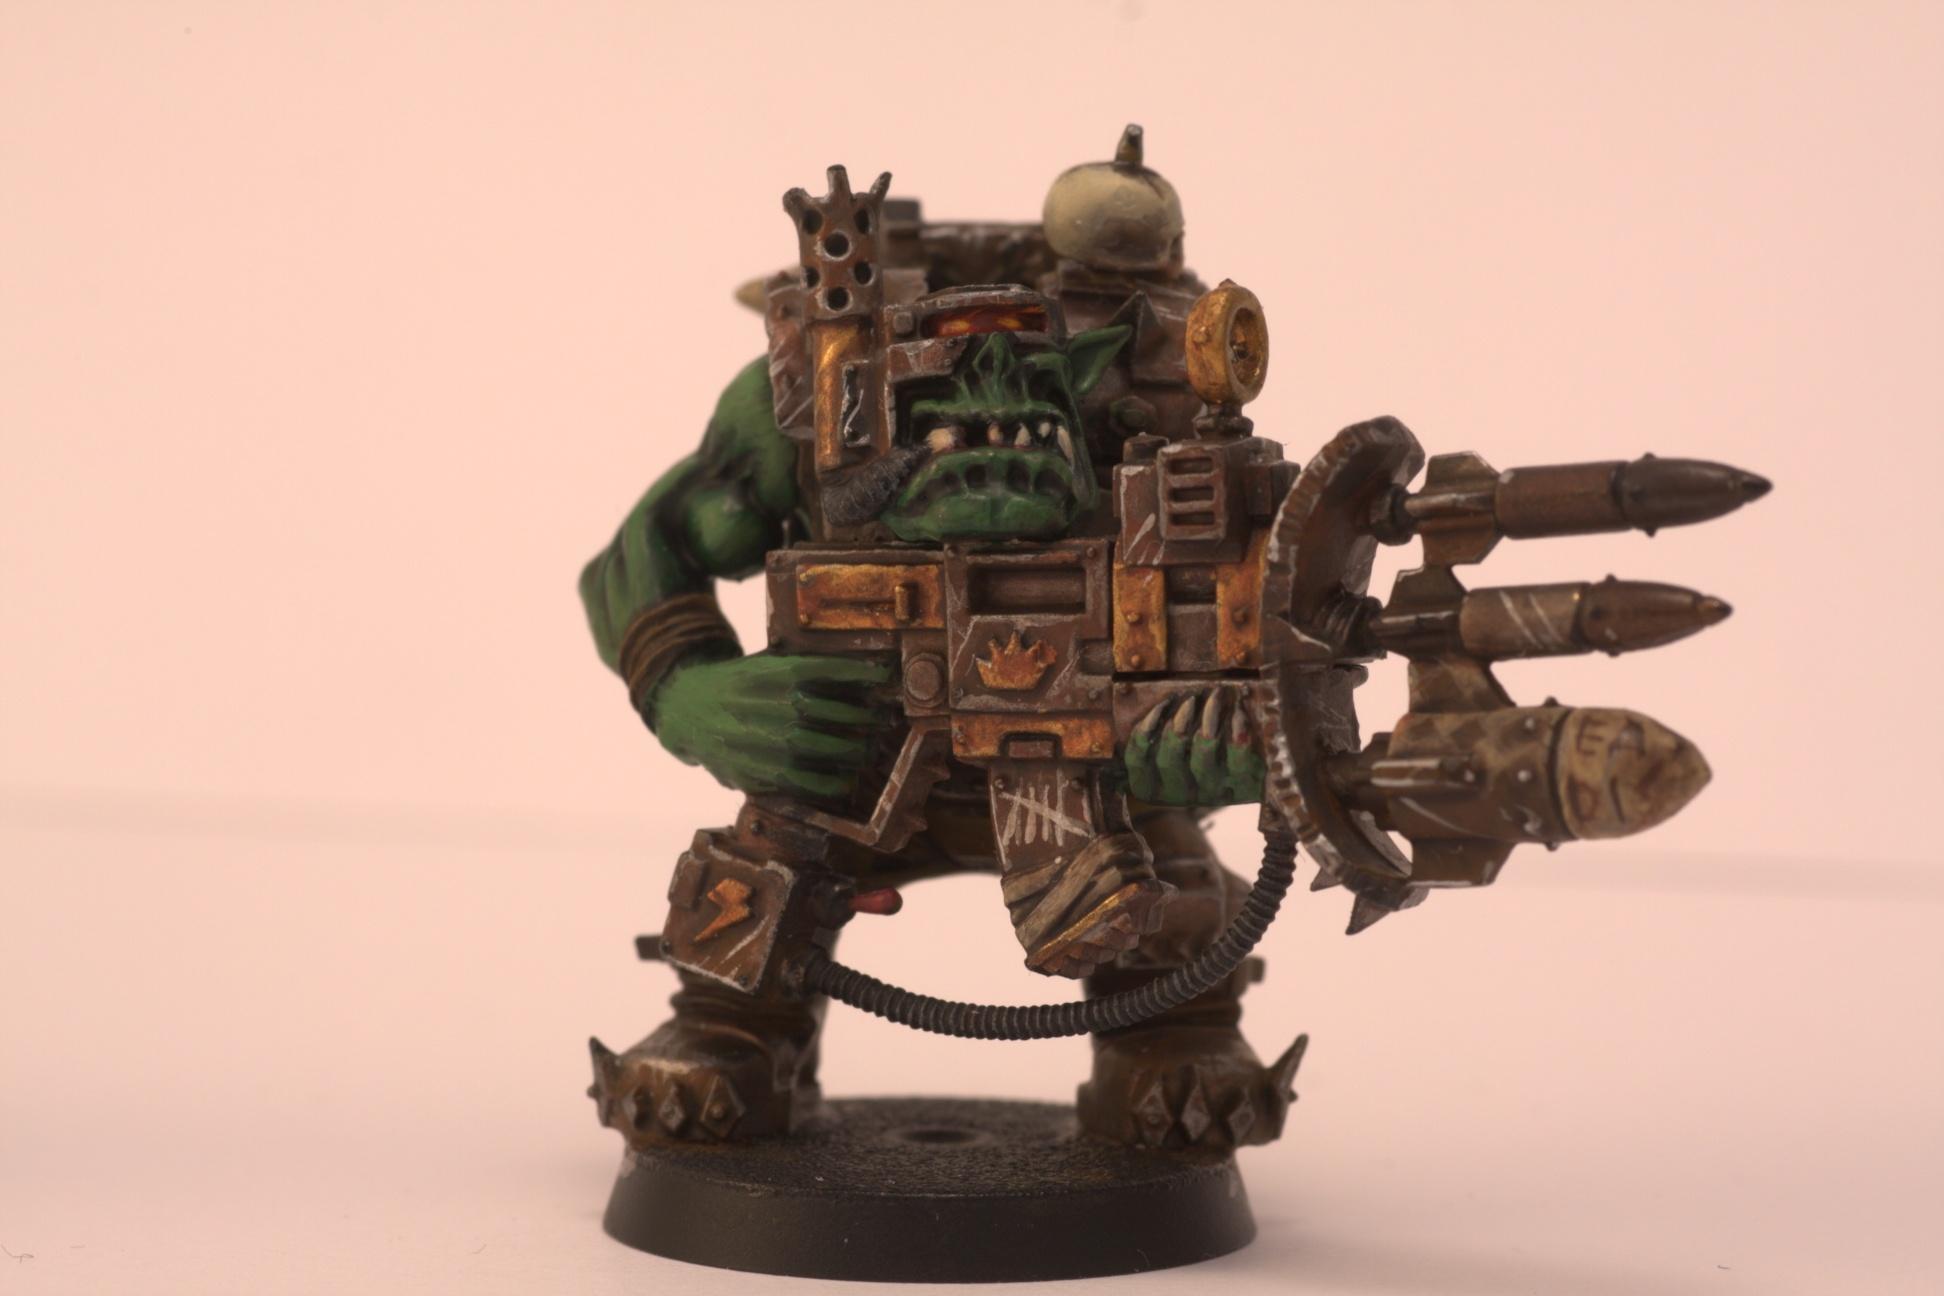 Nob, Orks, Rusty, Tankbustas, Warhammer 40,000